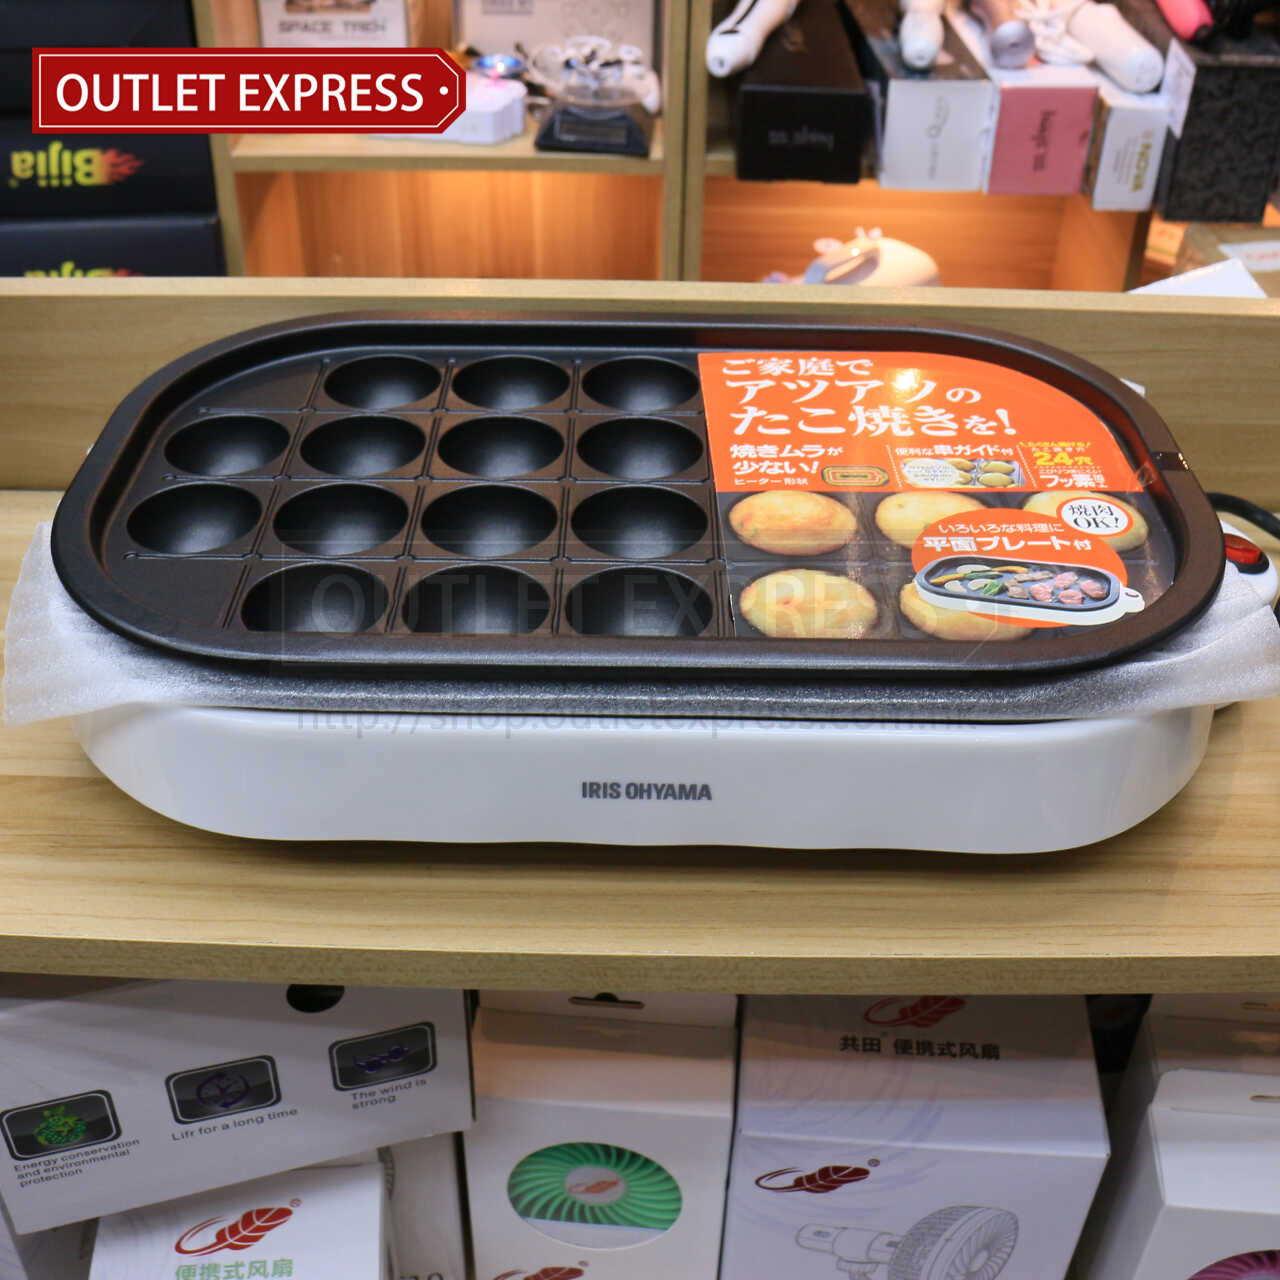 日本IRIS ITY-24W -W 章魚燒電煎板 | 燒肉烤盤 正面- Outlet Express HK生活百貨城